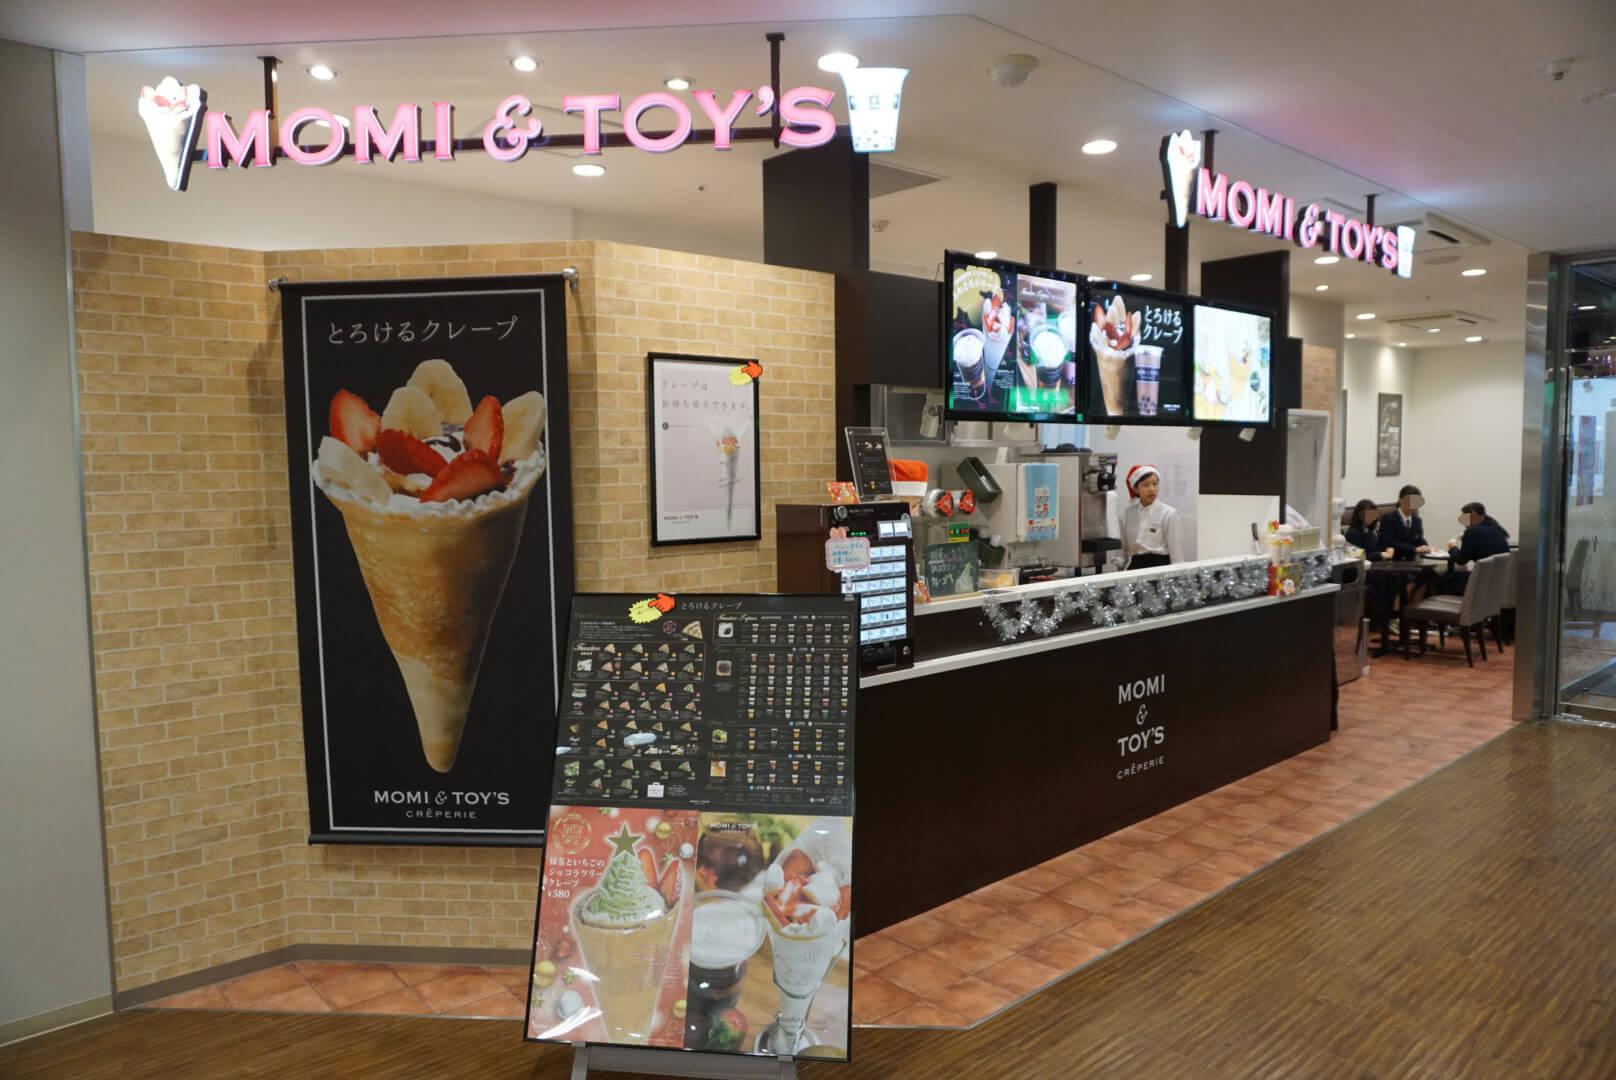 """大人気の『 MOMI & TOY'S 』の """"とろけるクレープ"""" を食べてきた♬ クレープの生地の違いにびっくり !!"""